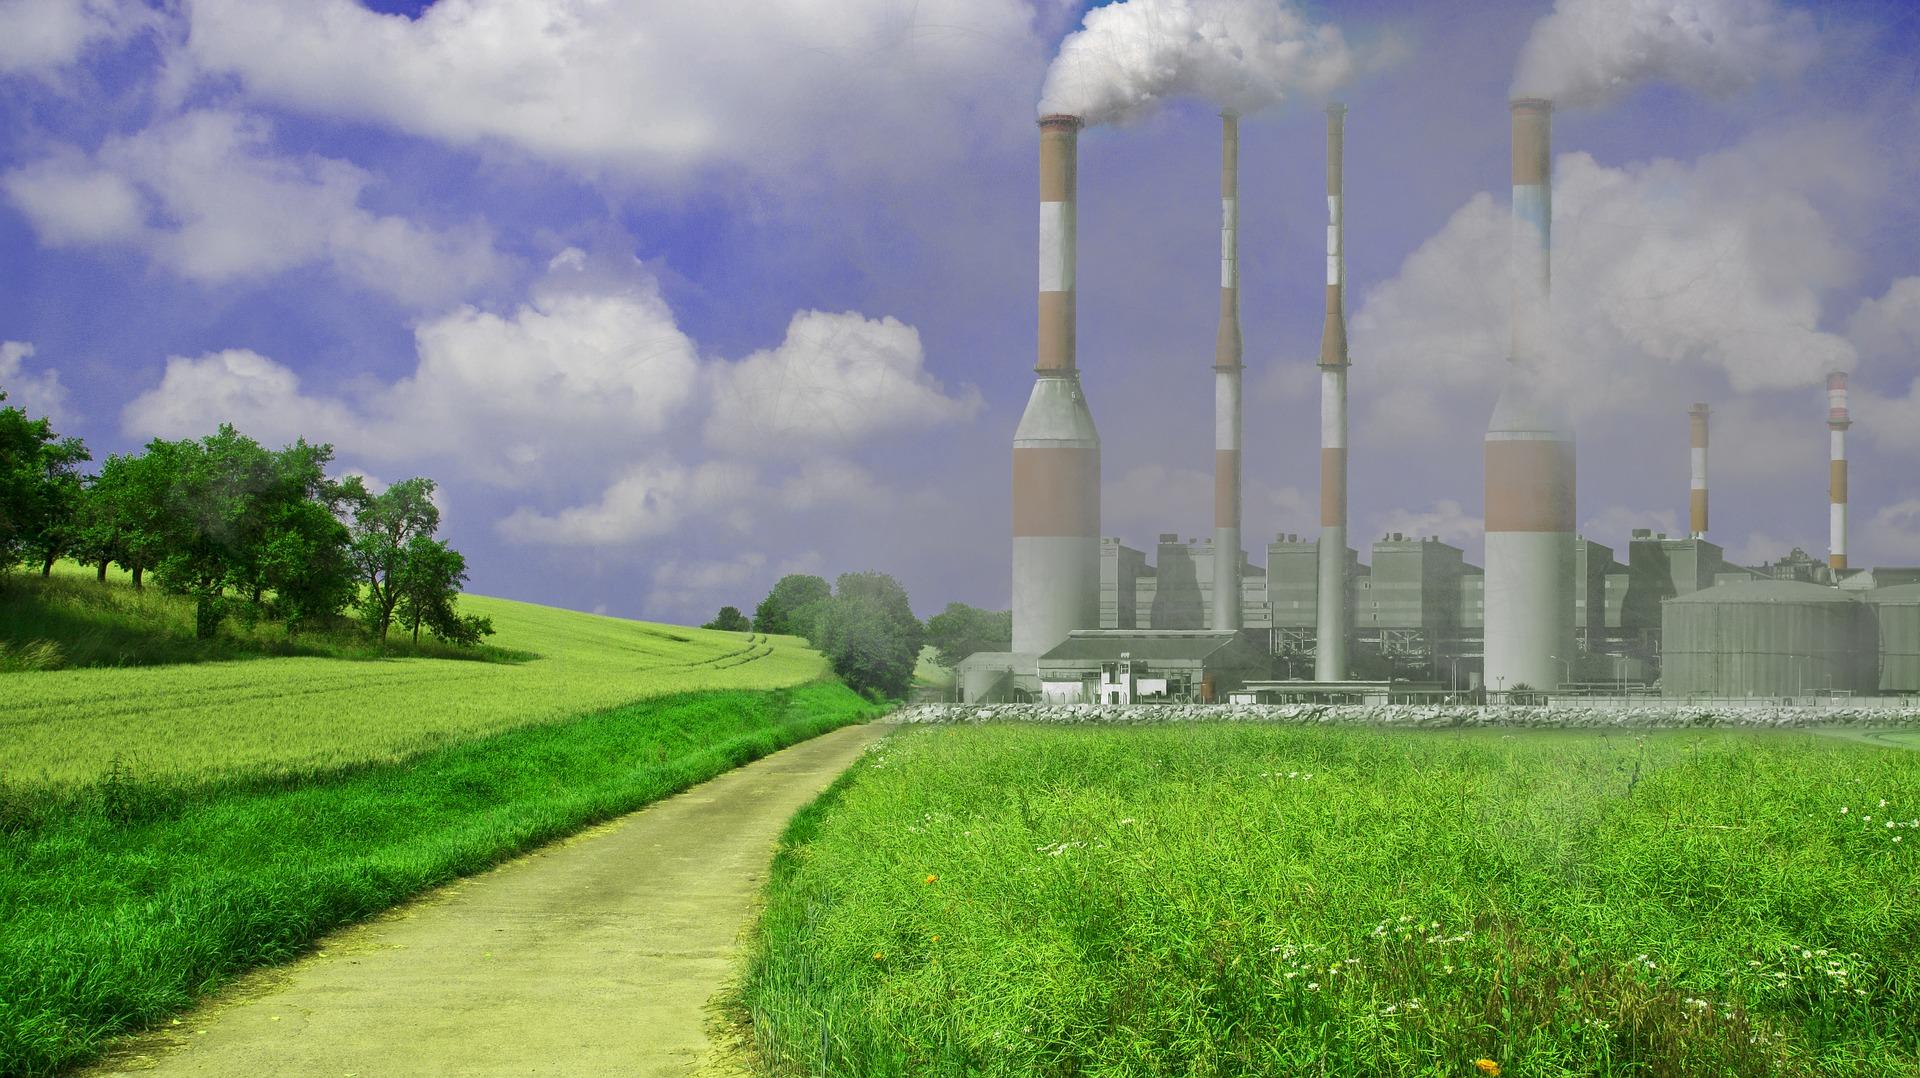 Światowy Dzień Ochrony Środowiska. Ile śmieci produkuje mieszkaniec Pomorza? Co jeszcze liczby mówią o ekologii? [INFOGRAFIKA]